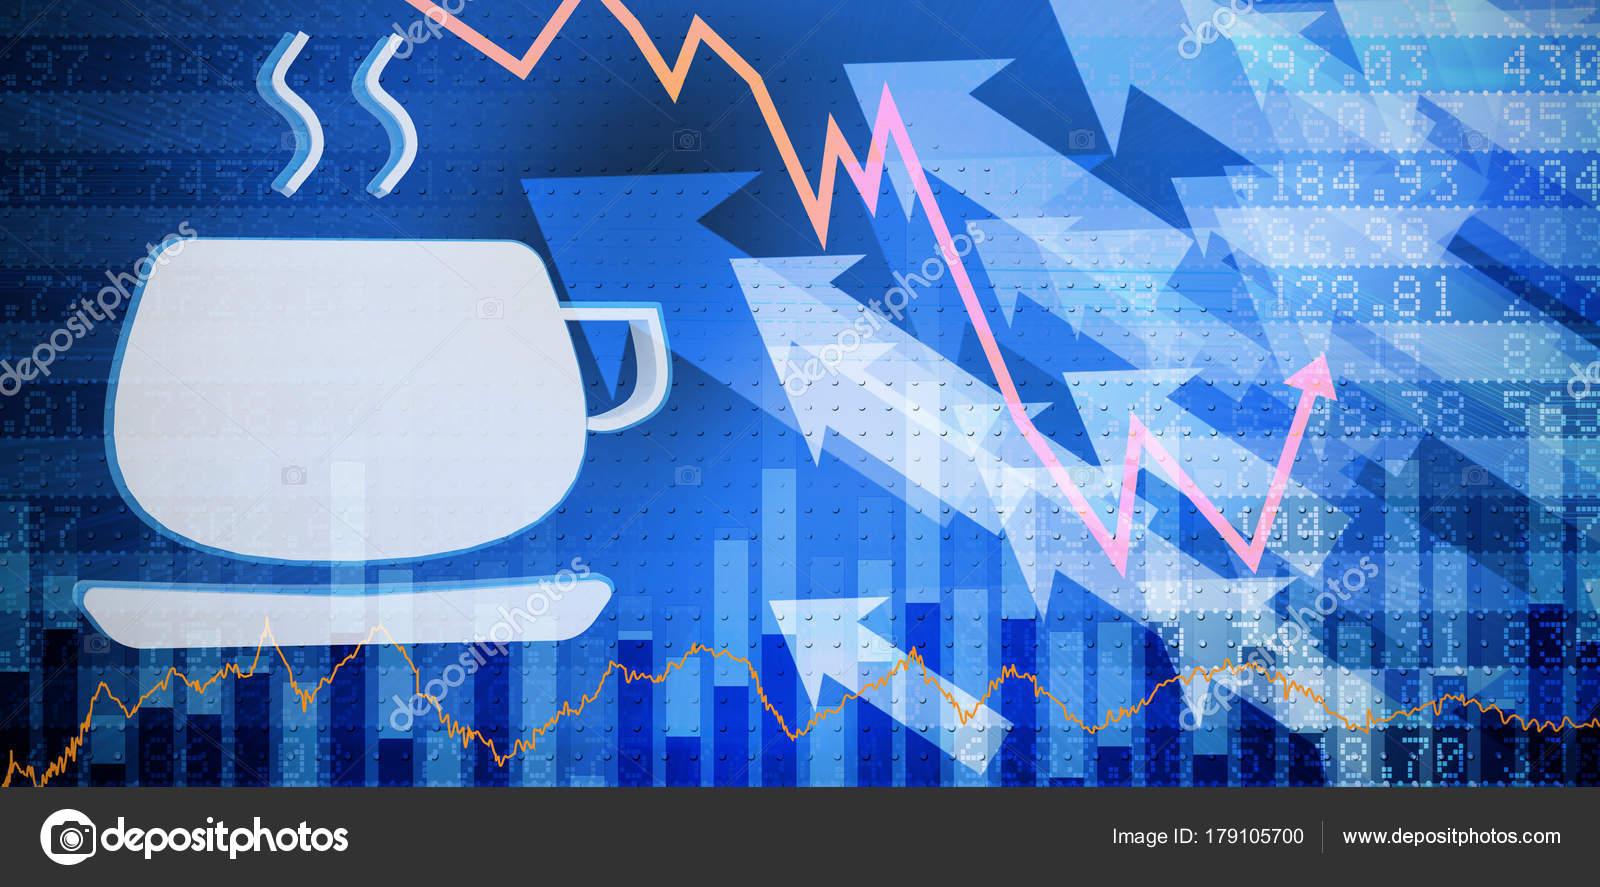 macerata, gestore di un bar fa pagare il caffè ai tedeschi in base allo spread